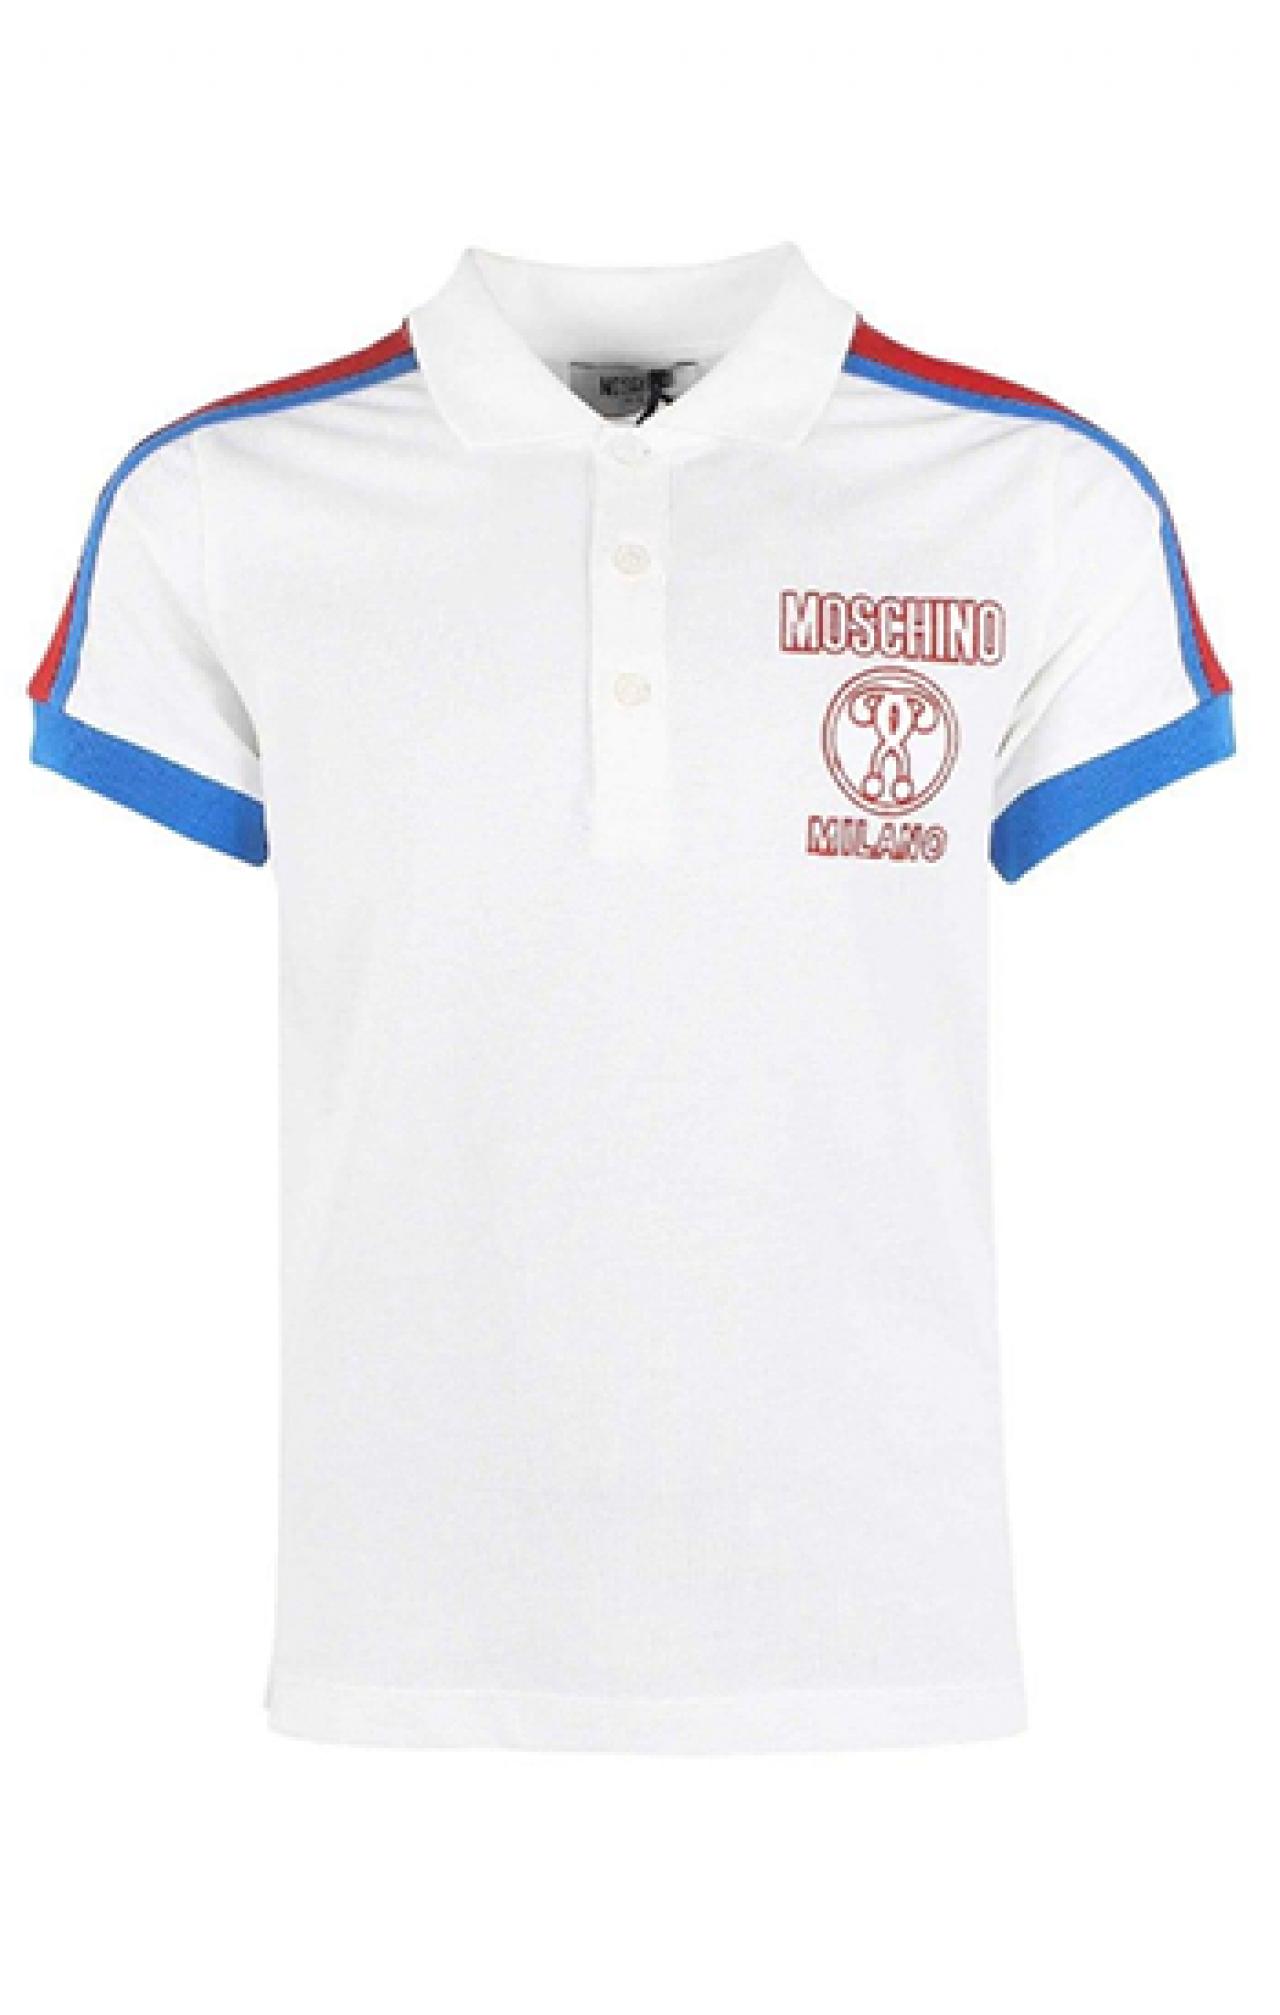 Áo thun đồng phục cổ trụ màu trắng viền xanh đỏ logo in